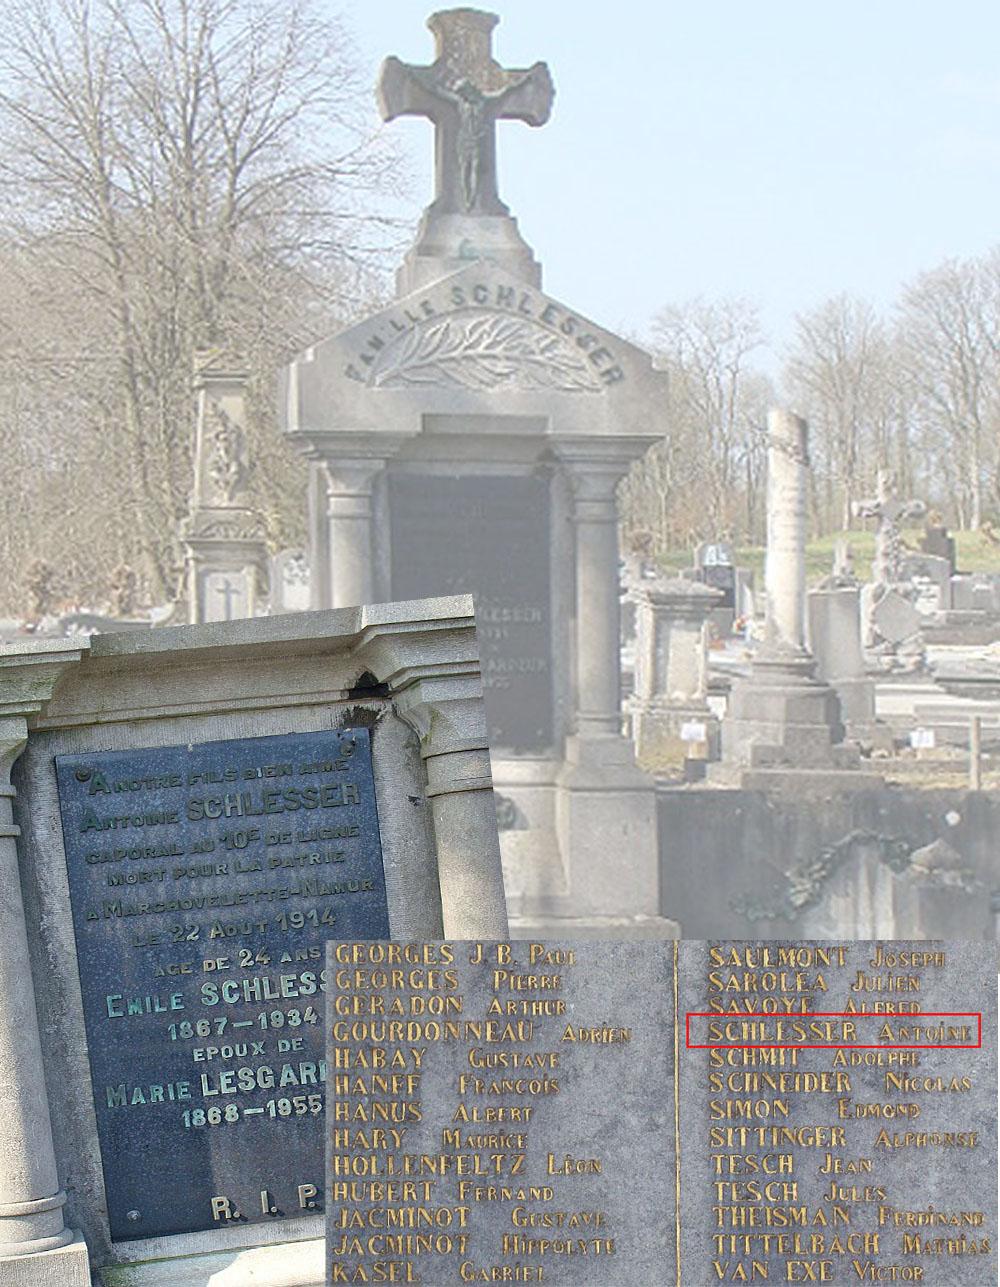 schlesser antoine monument et plaque